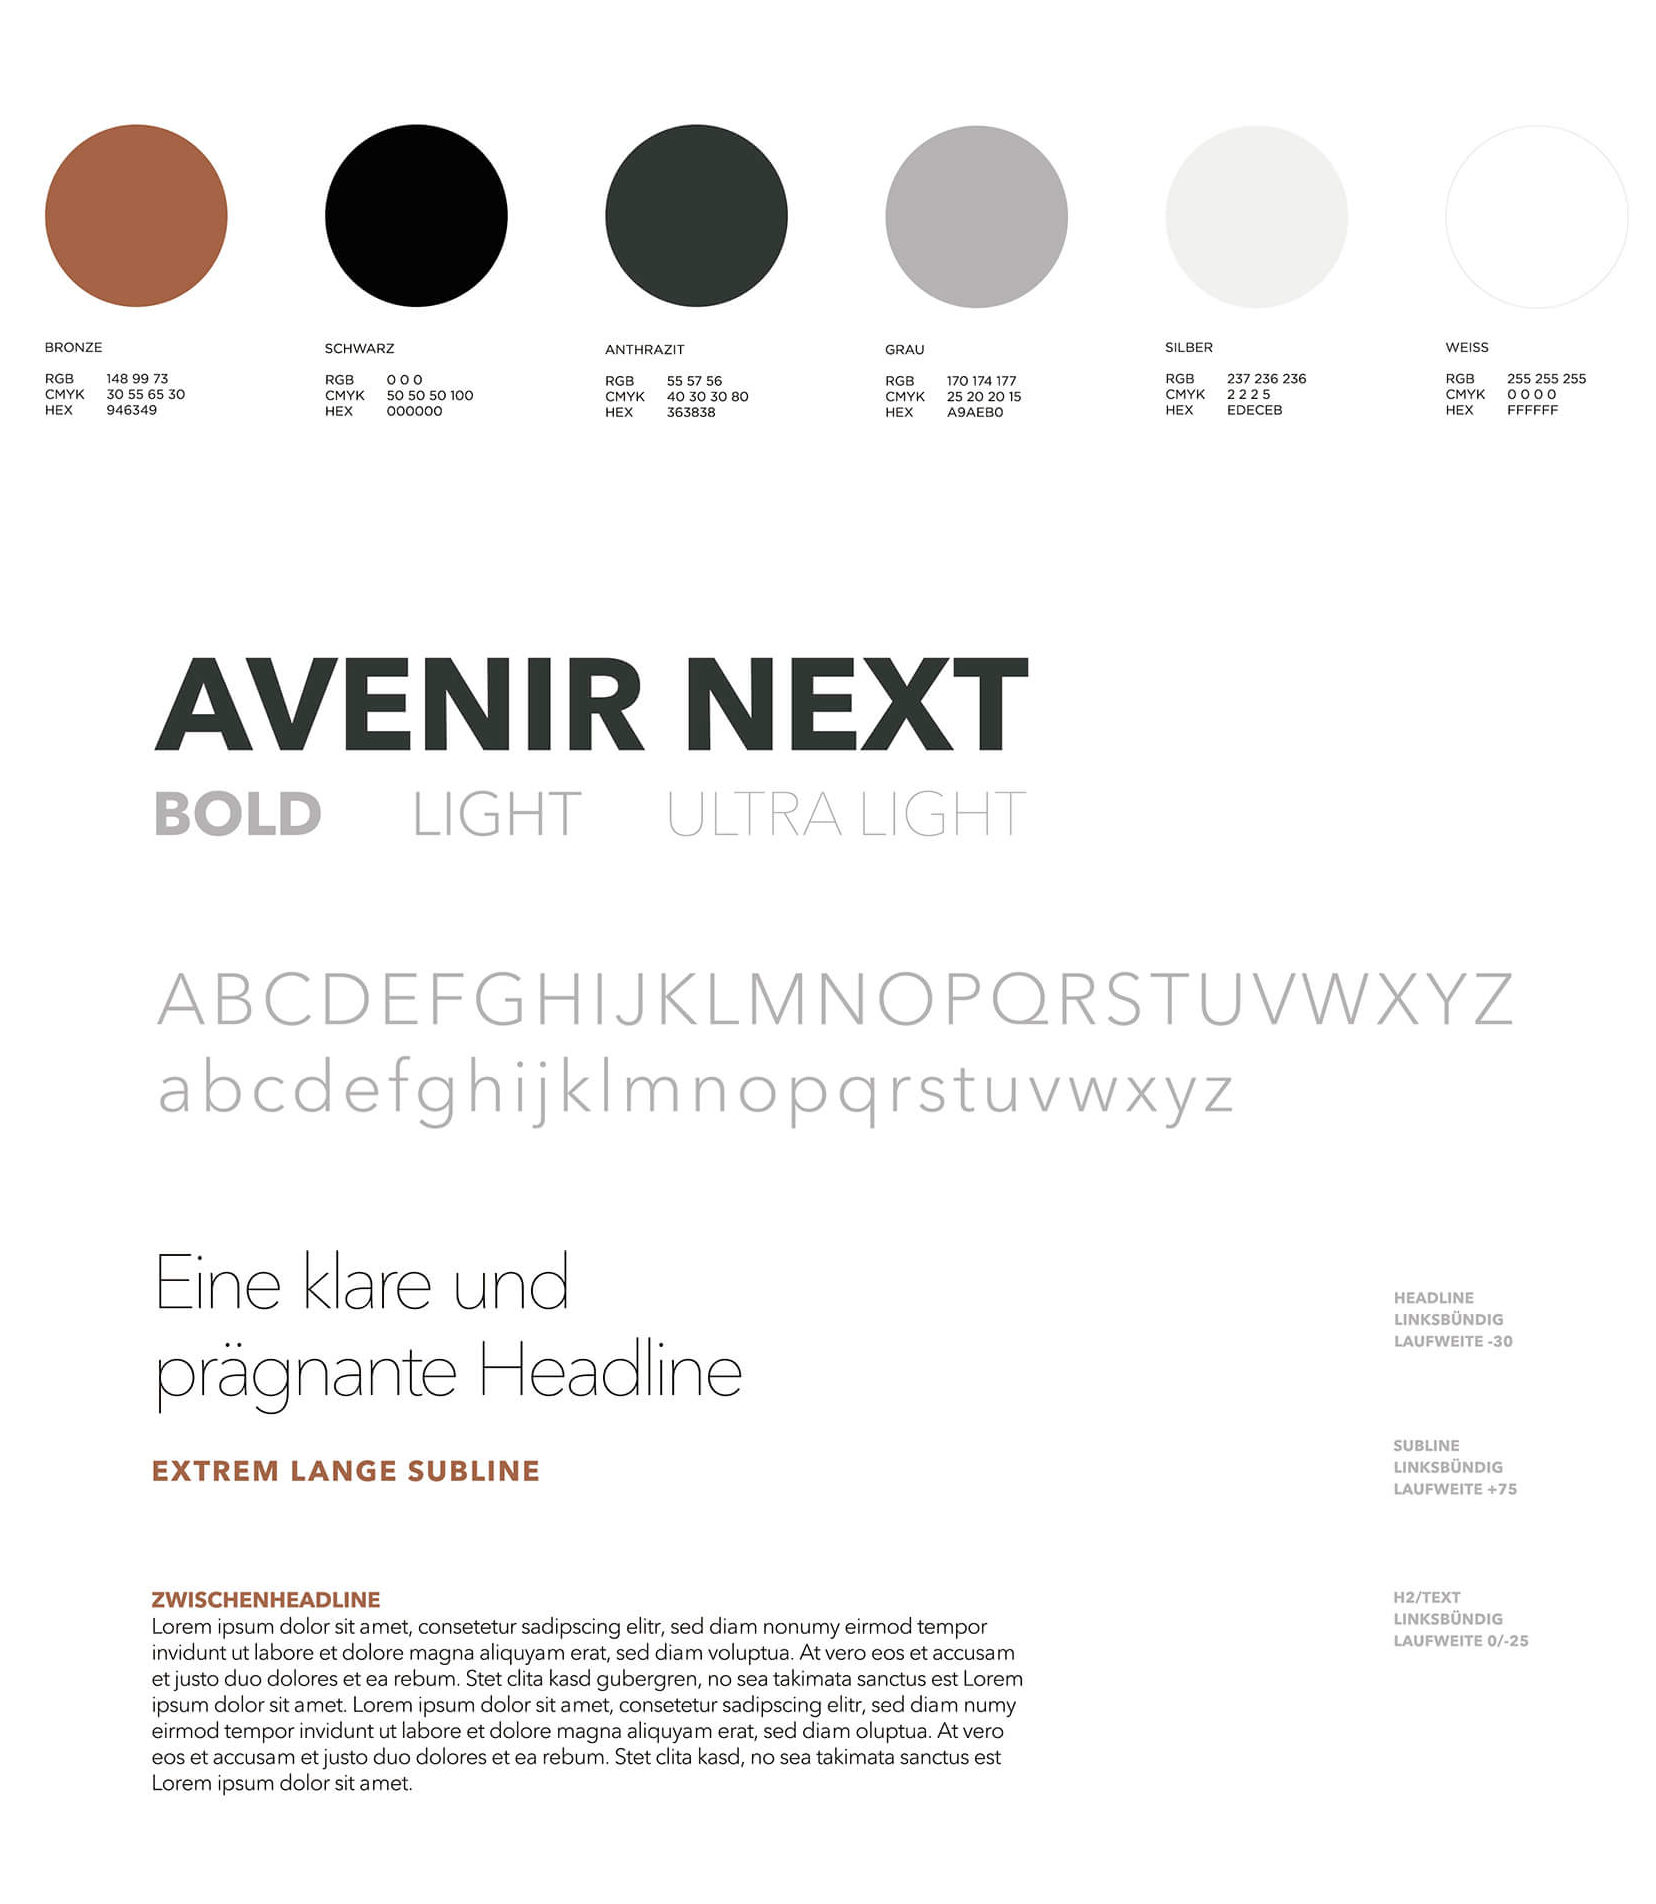 CD Sonoro in dem Farben und Schriften beshrieben werden